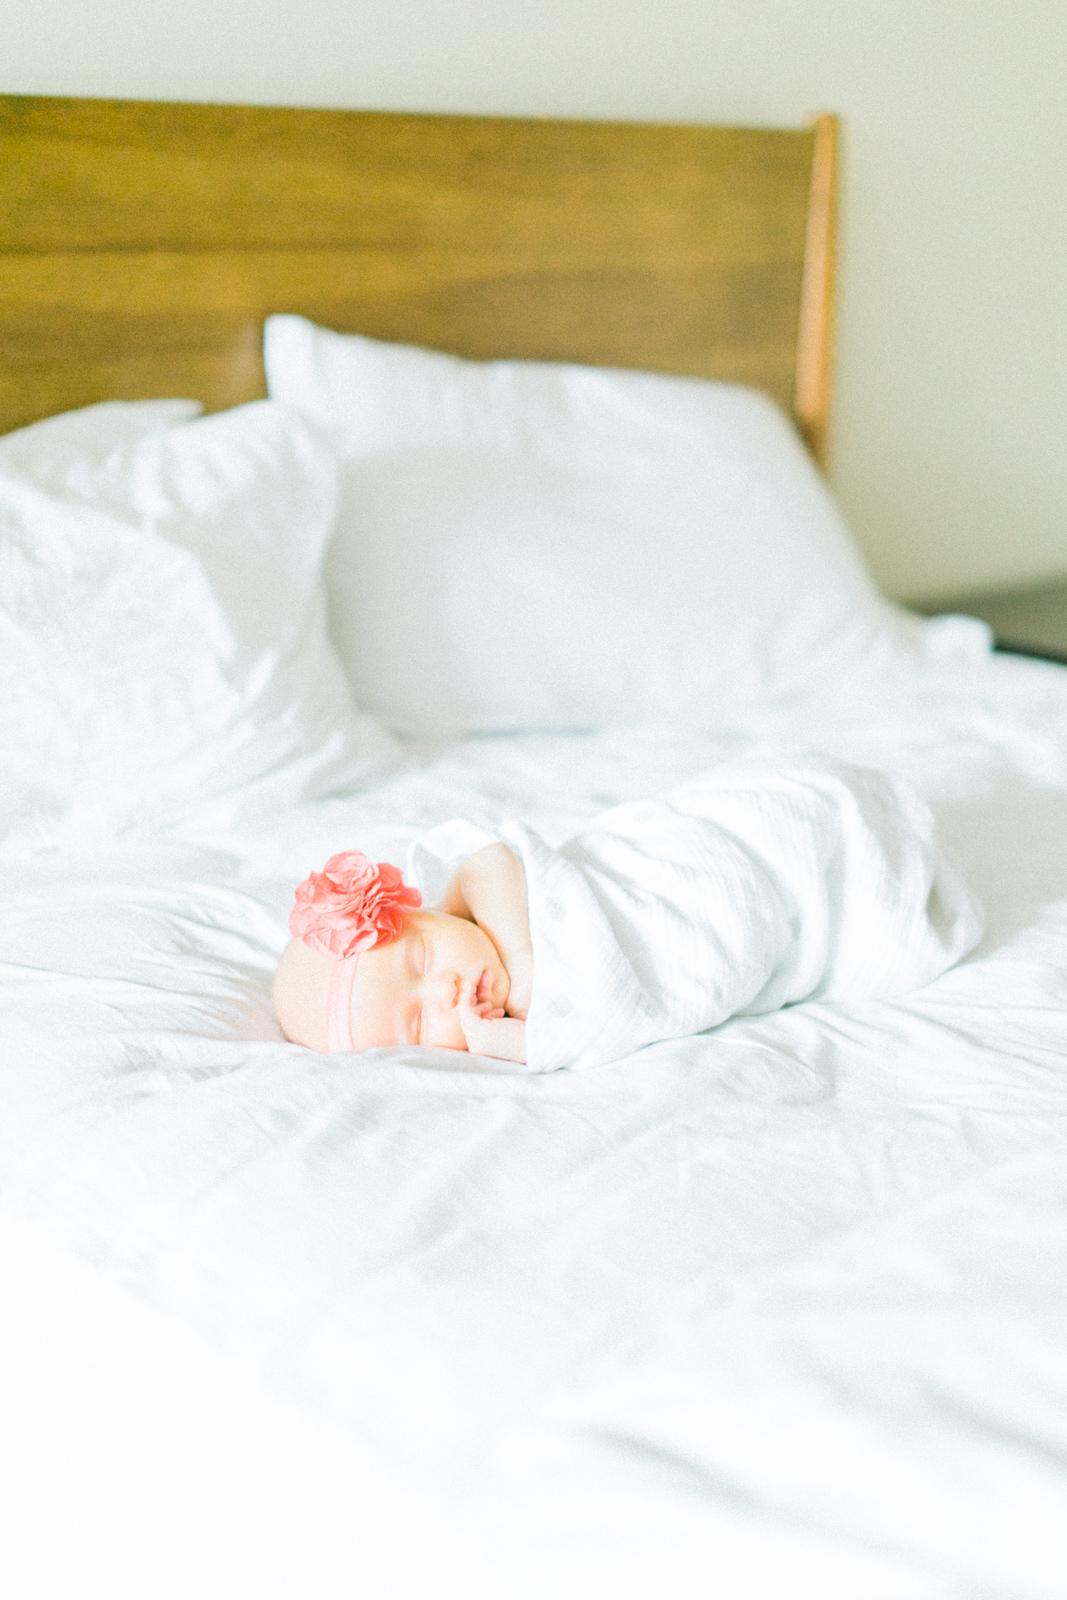 boise-newborn-photographer--21.jpg